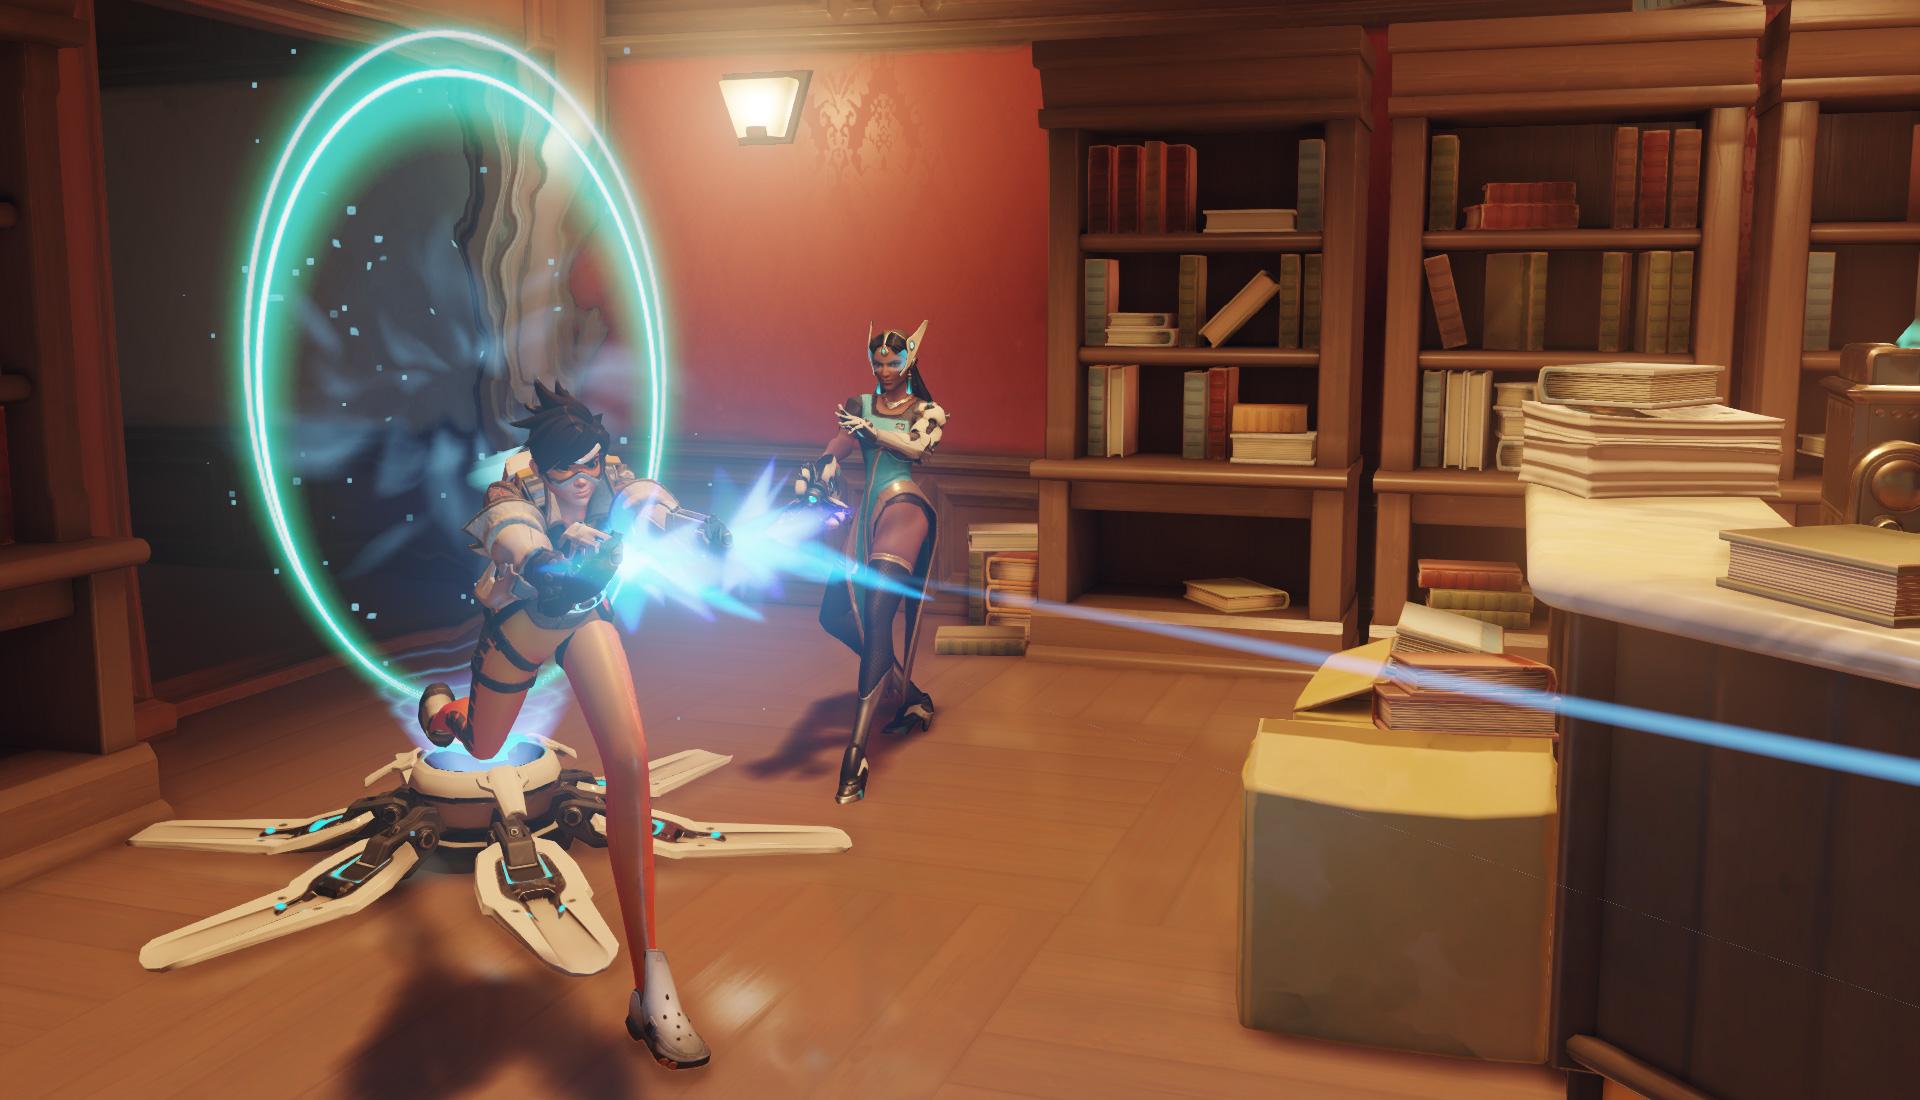 Overwatch: Season 6 bringt gravierende Änderungen für Ranked-Spiel